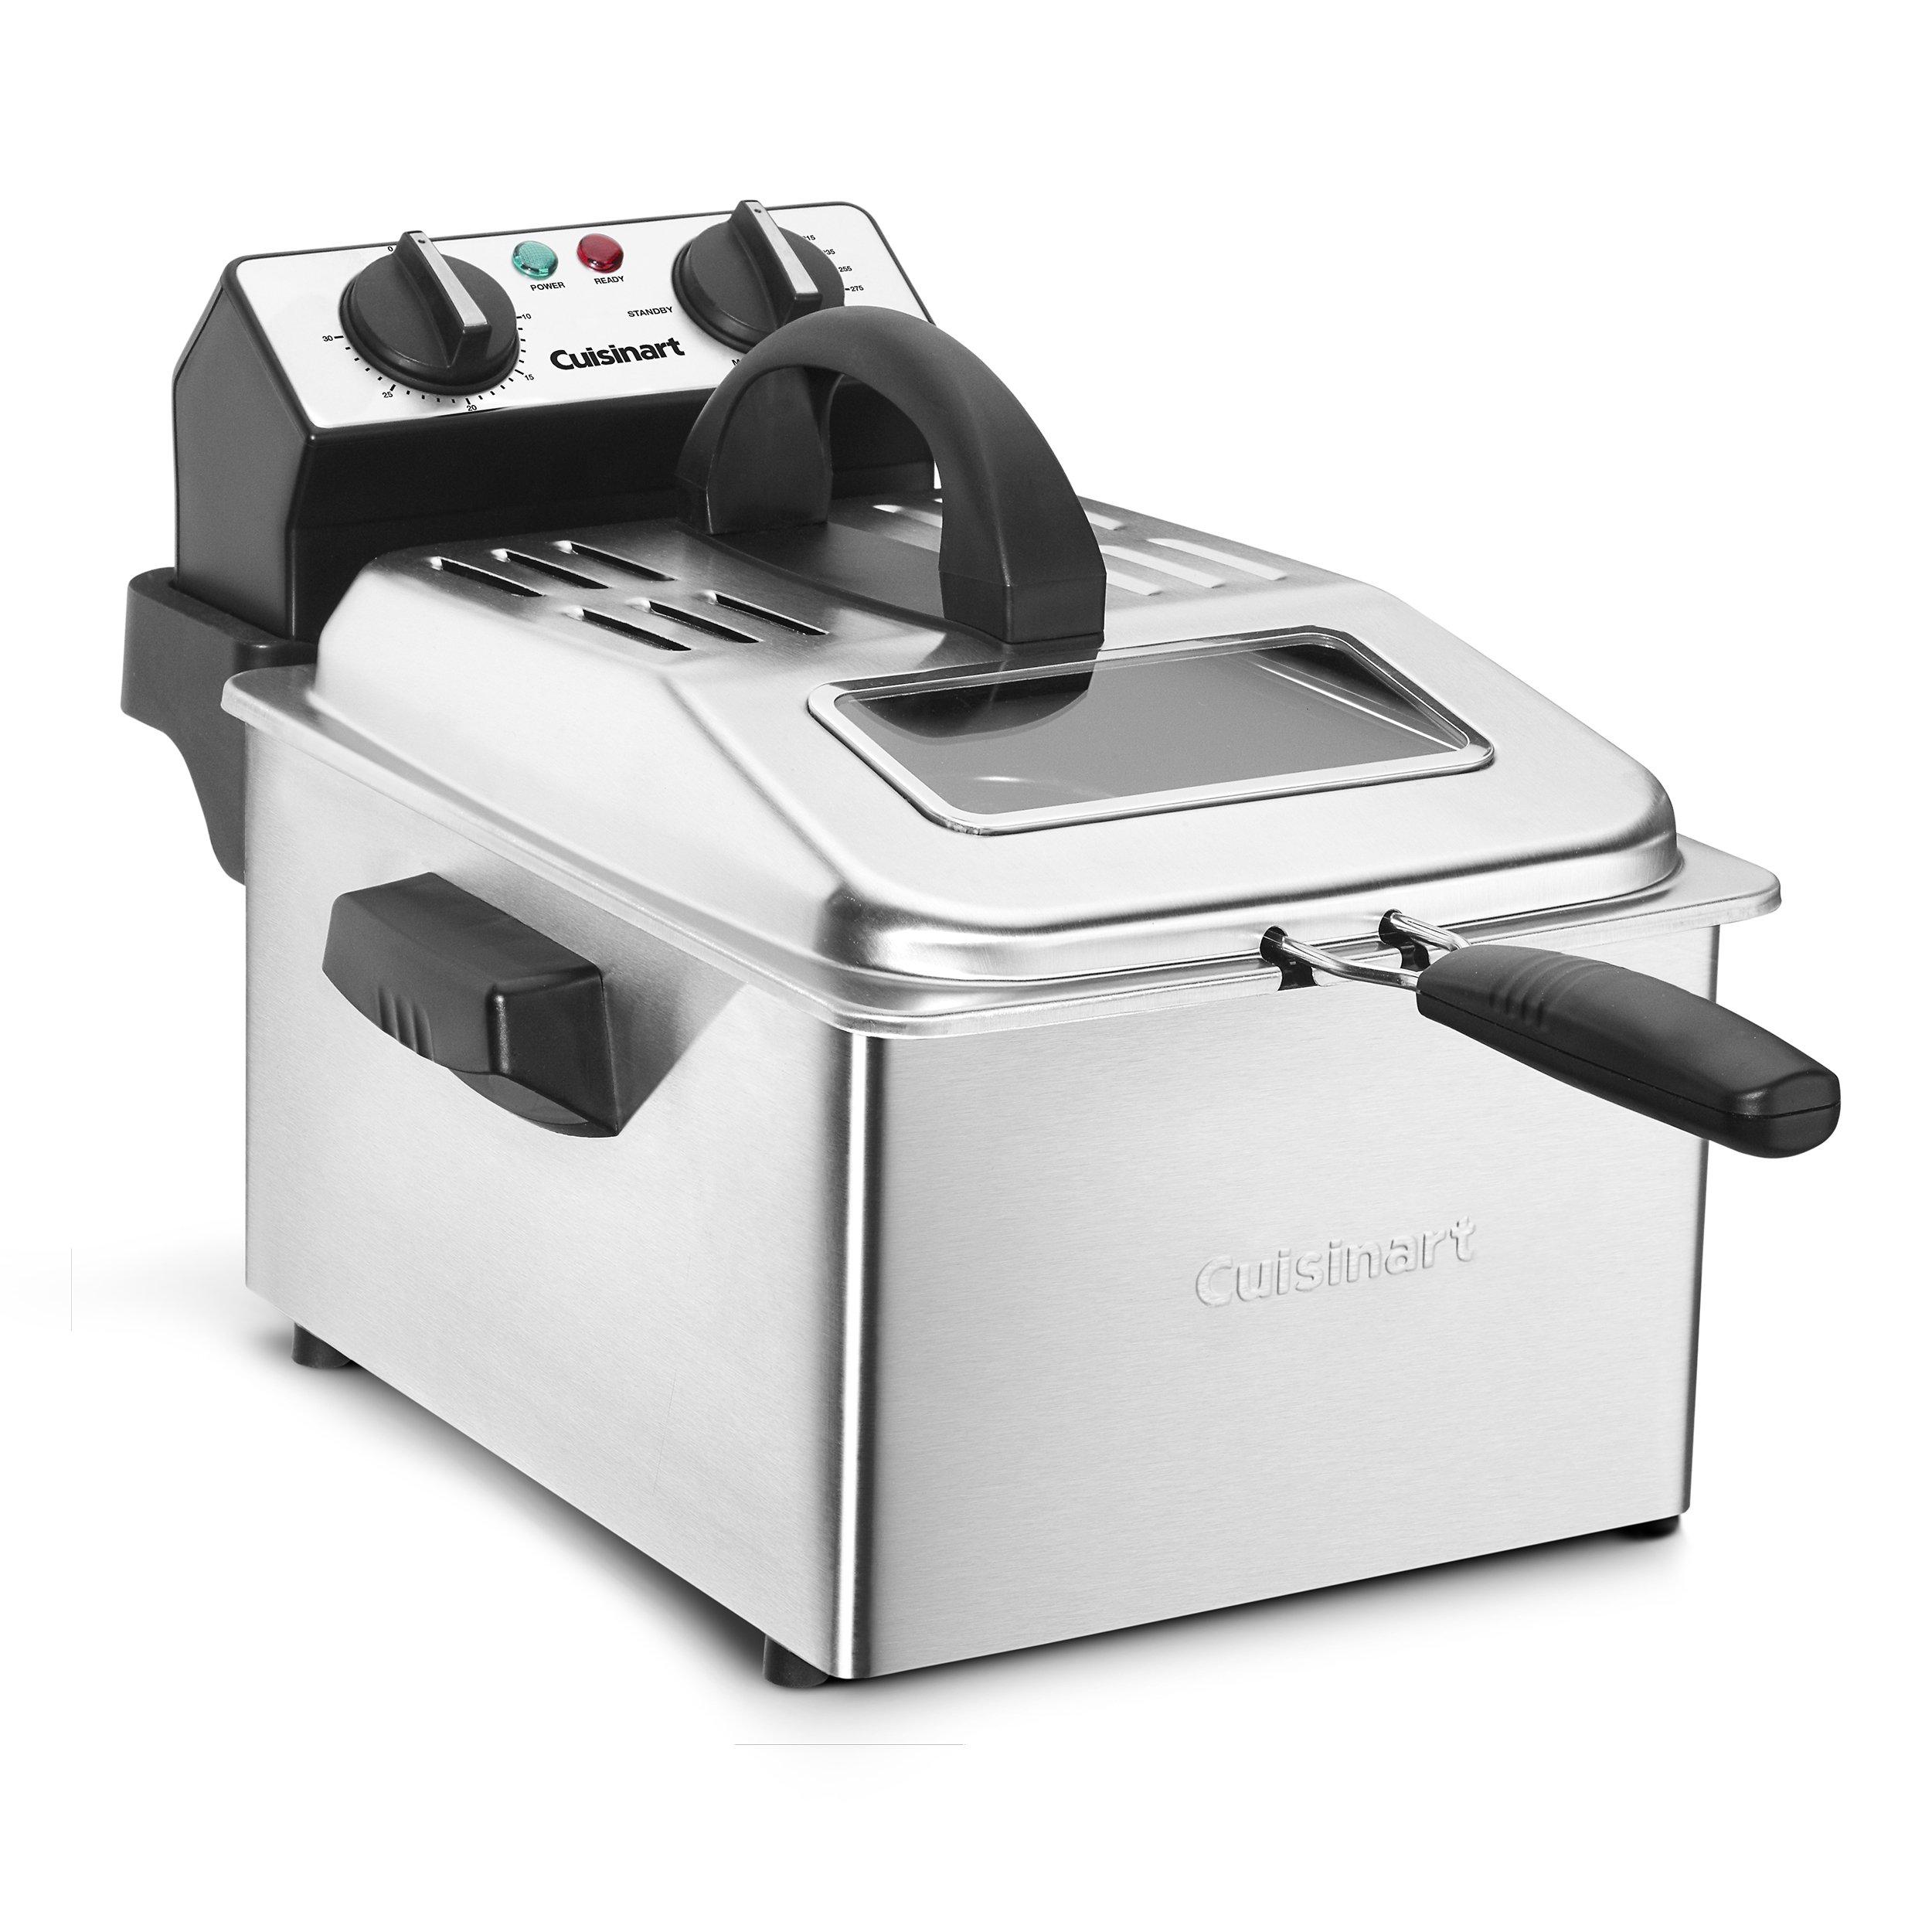 Cuisinart CDF 200 Compact 4quart Deep Fryer